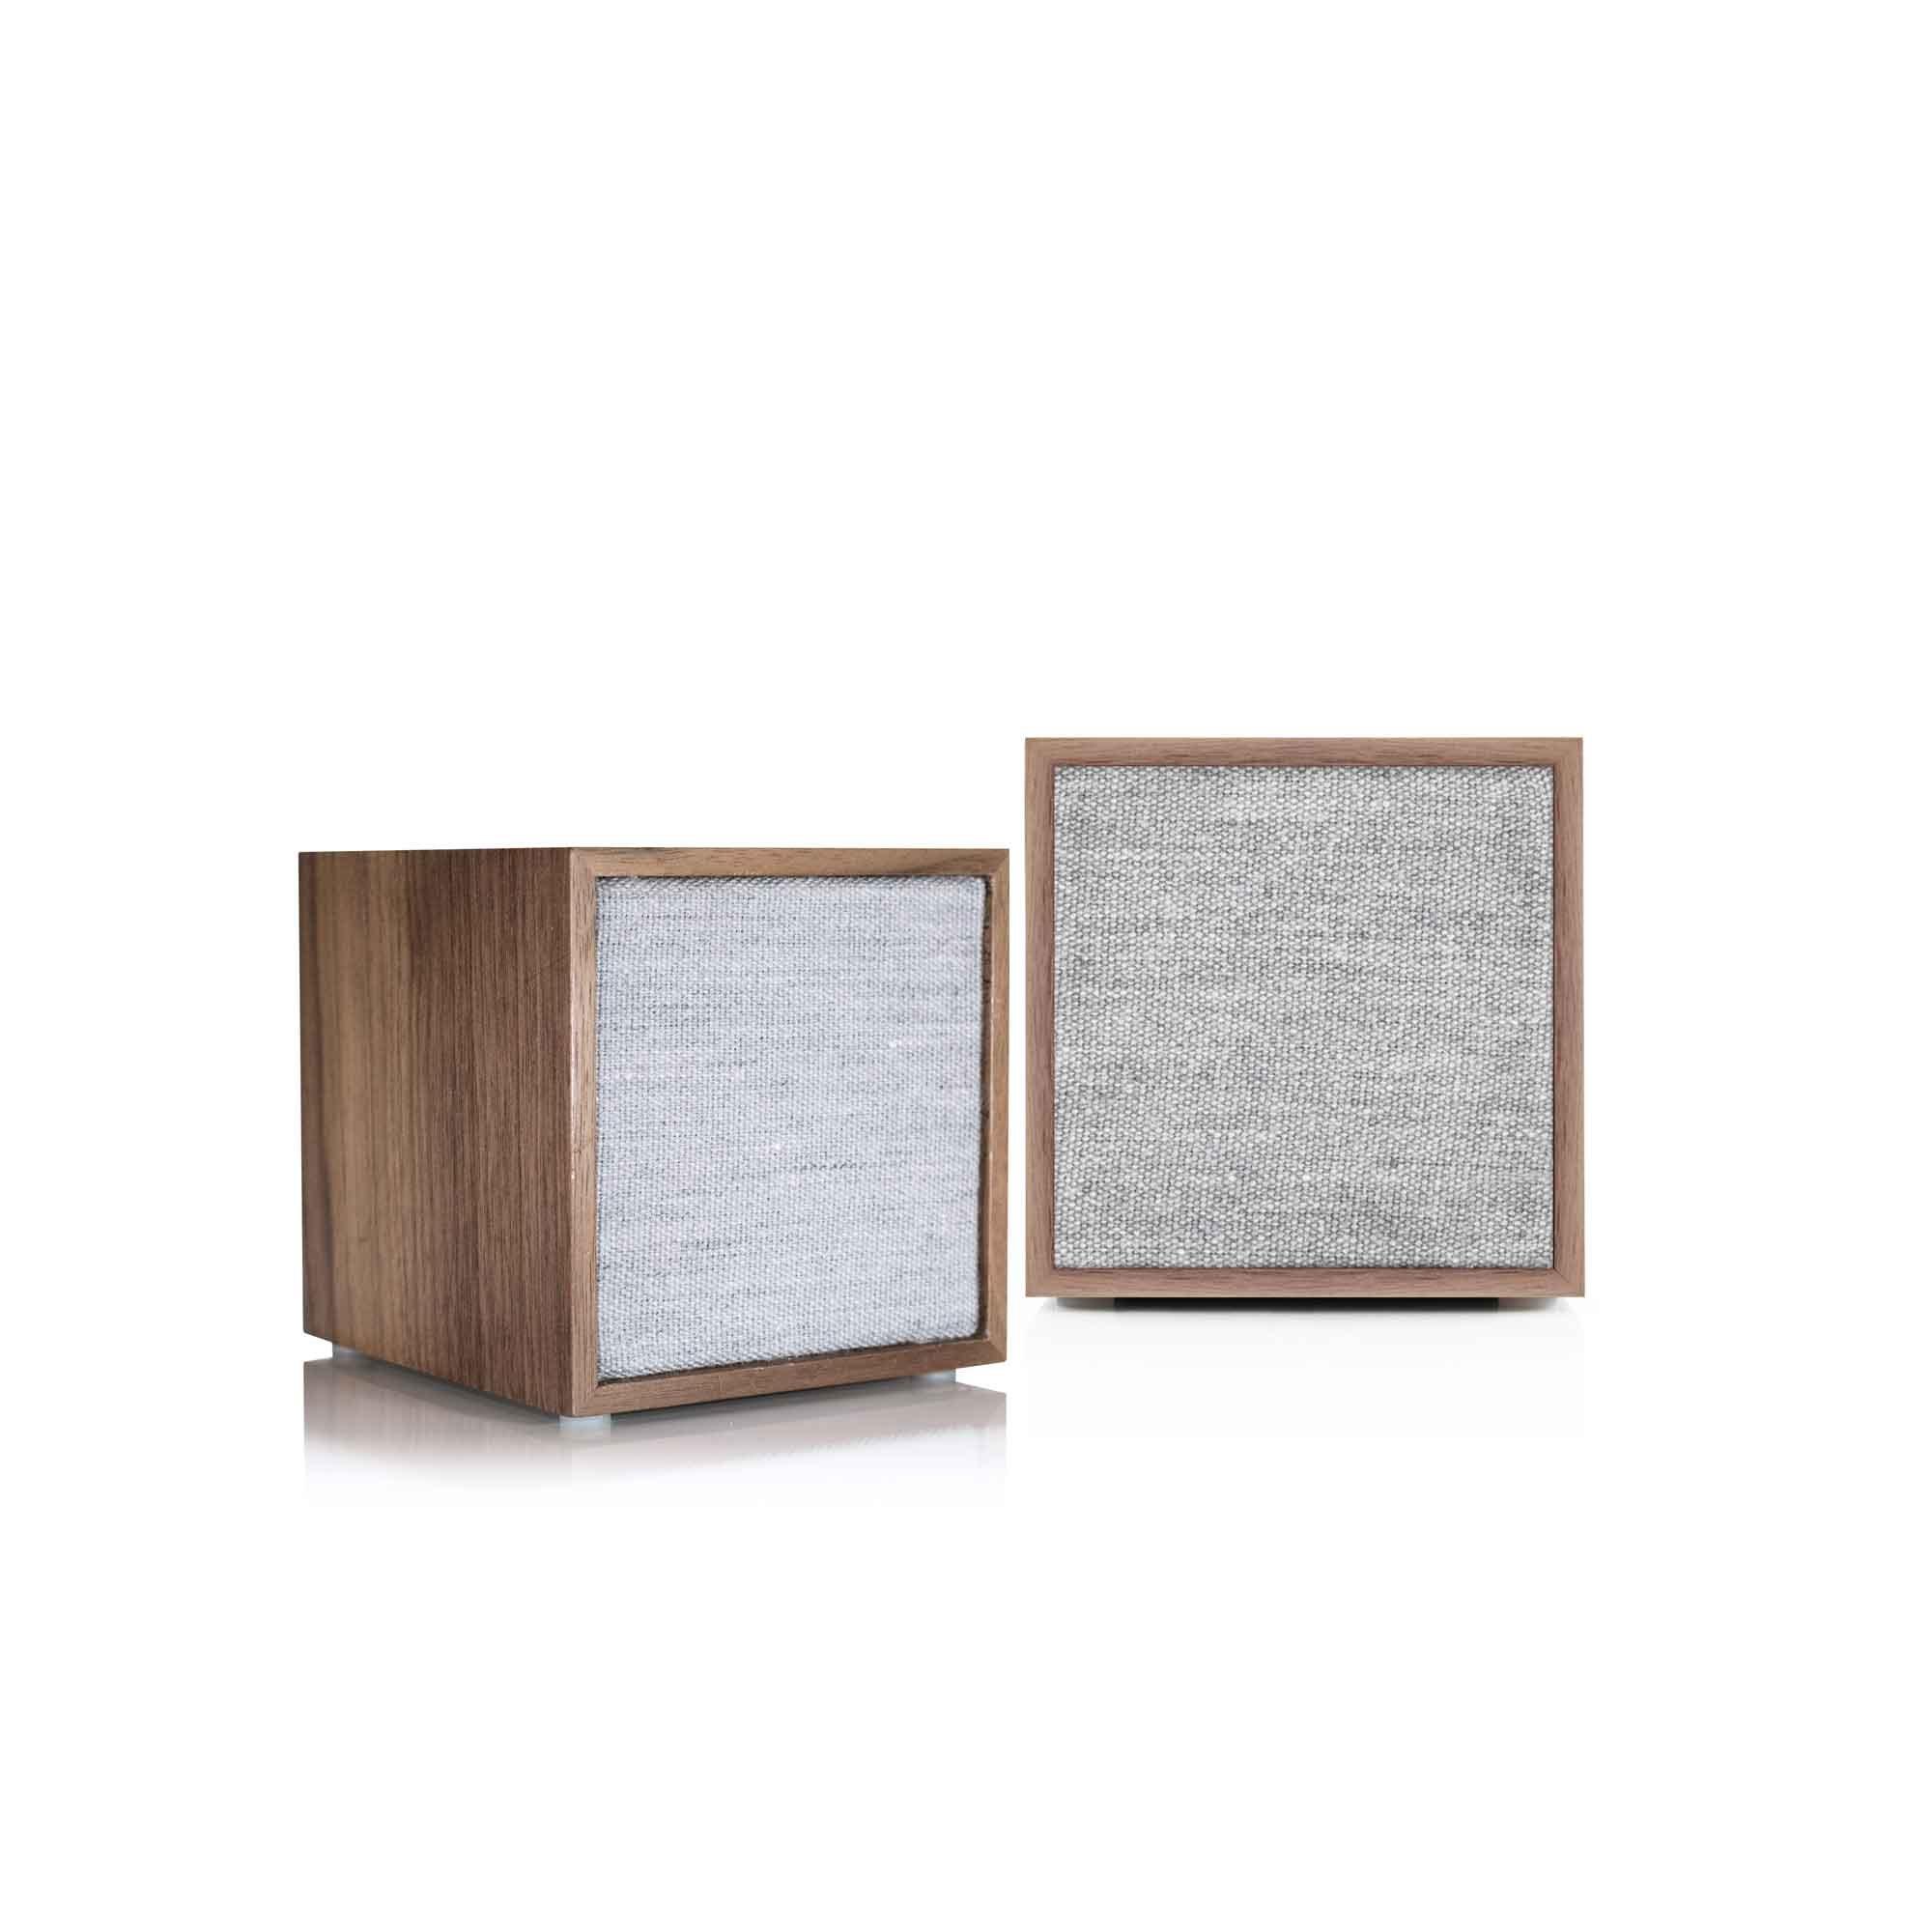 Tivoli Audio Cube Stereo in Walnut